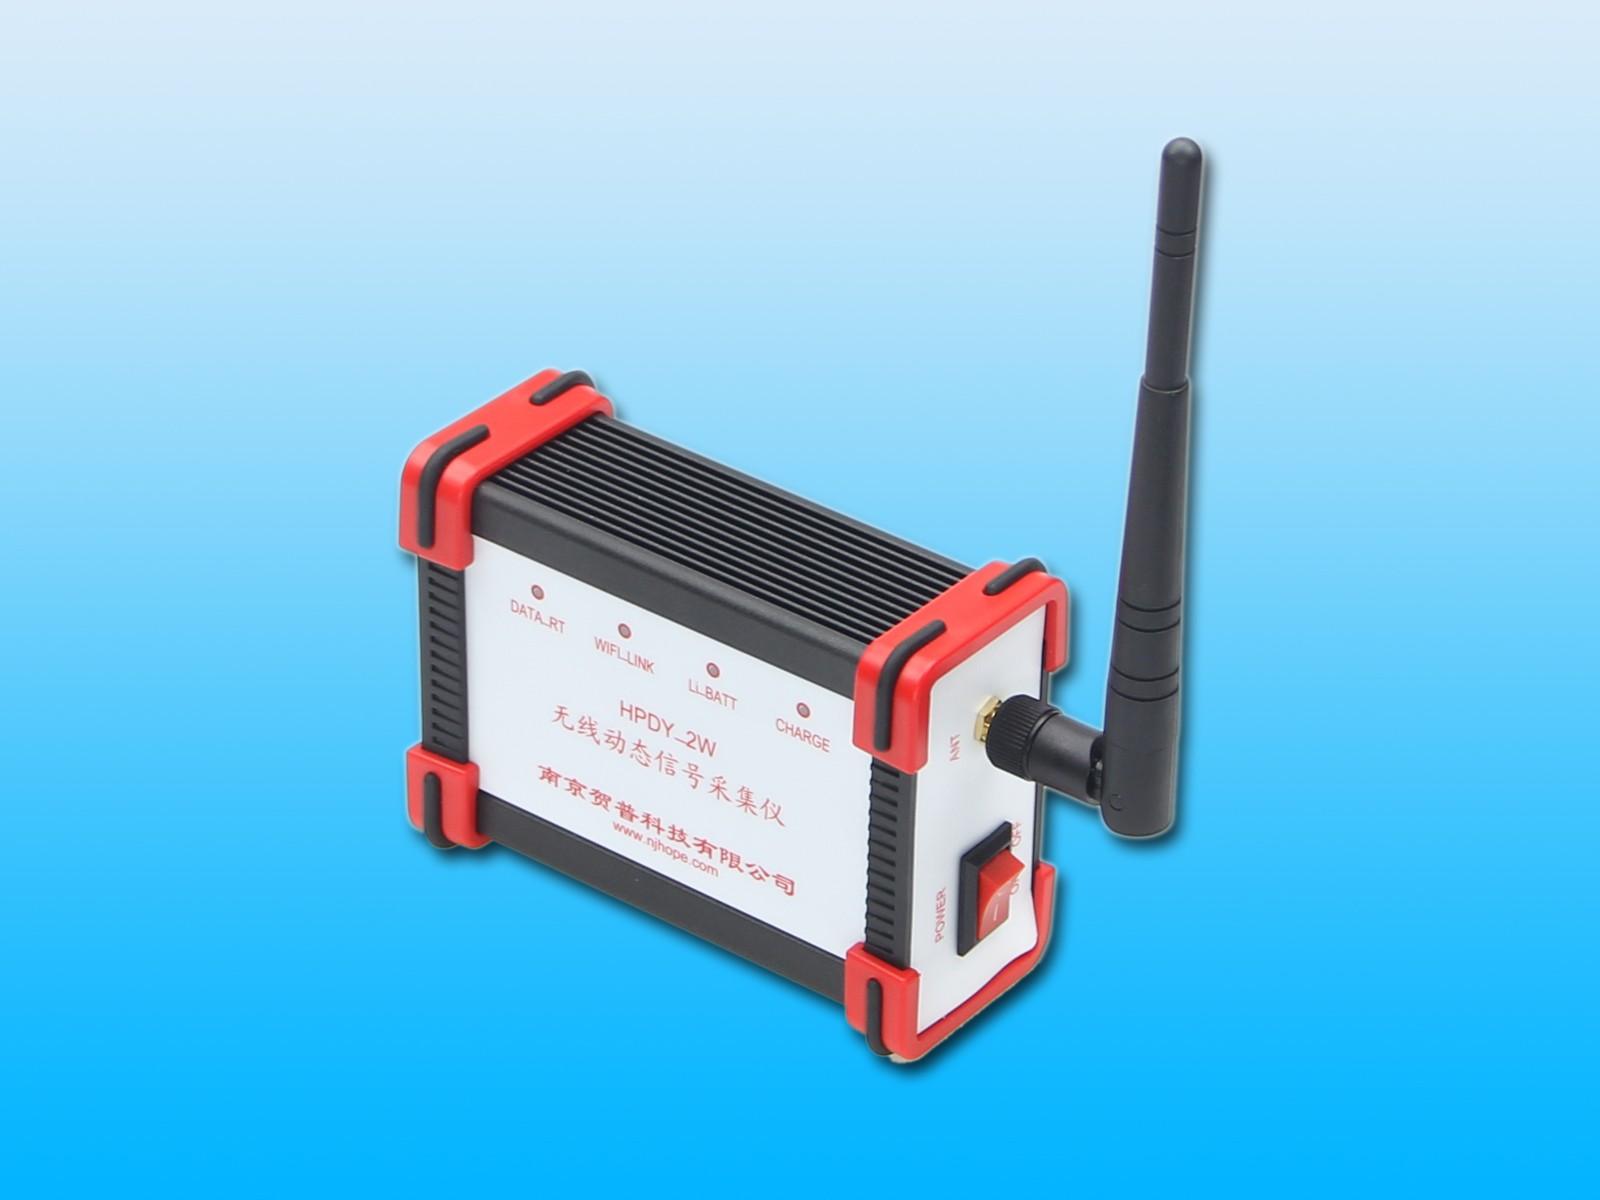 HP-DY2W 无线动态信号测试分析系统